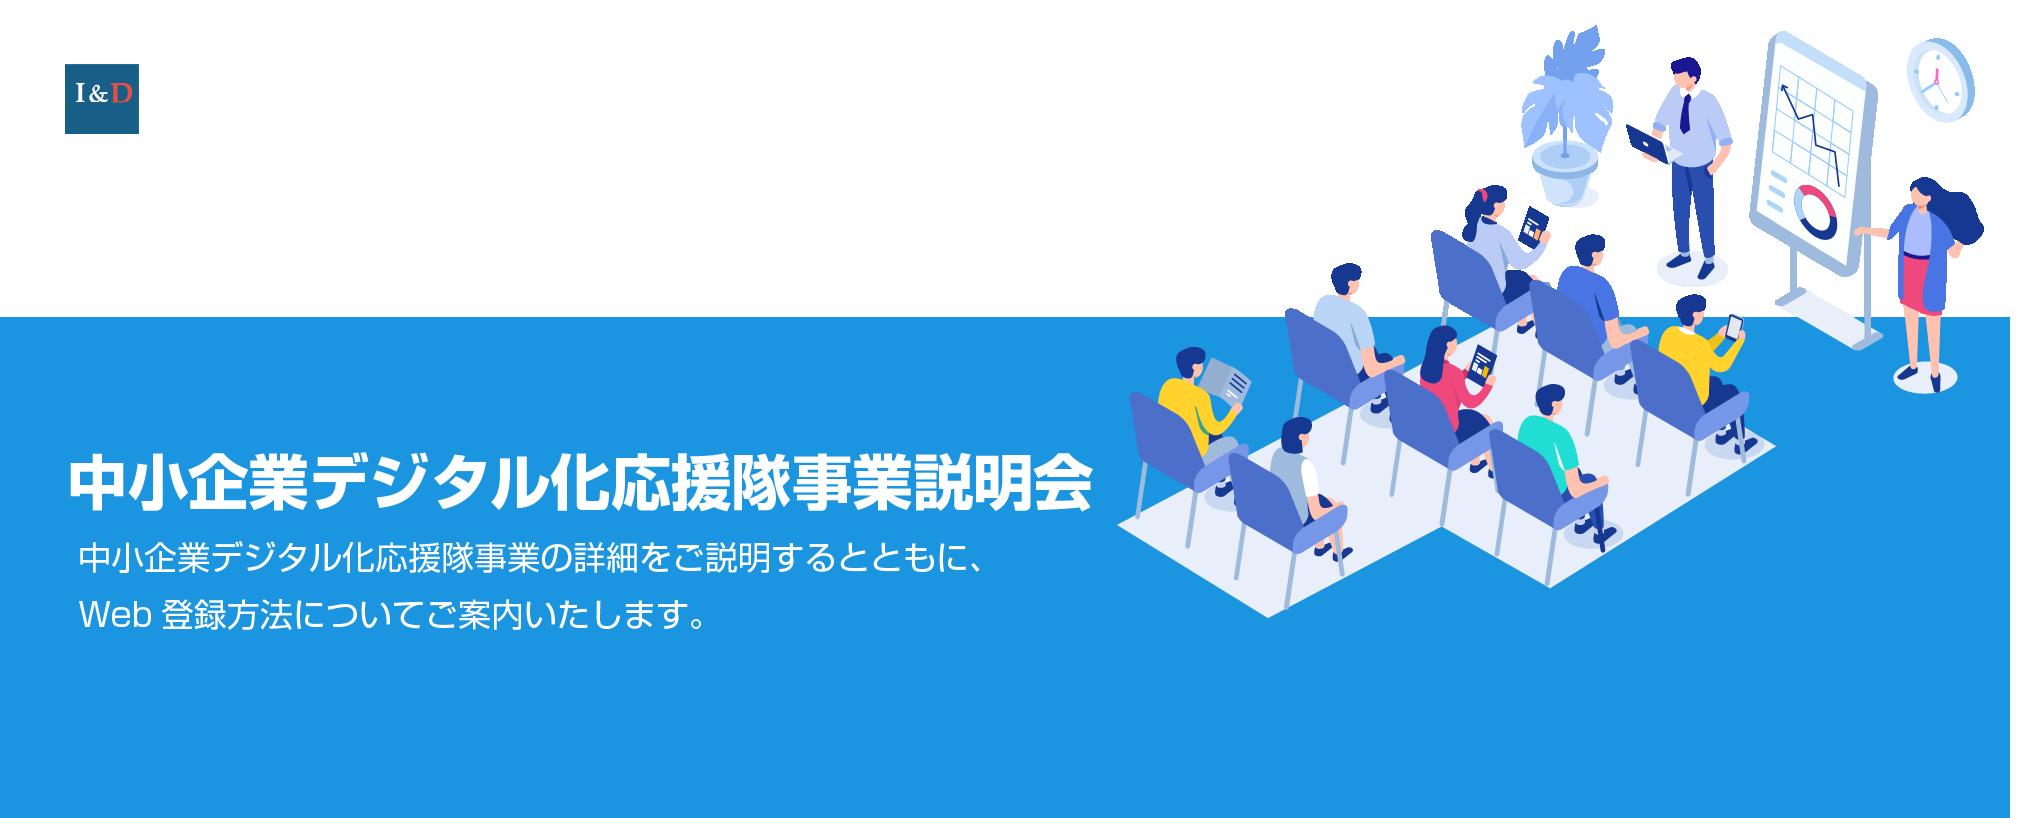 中小企業デジタル化応援隊事業説明会バナー